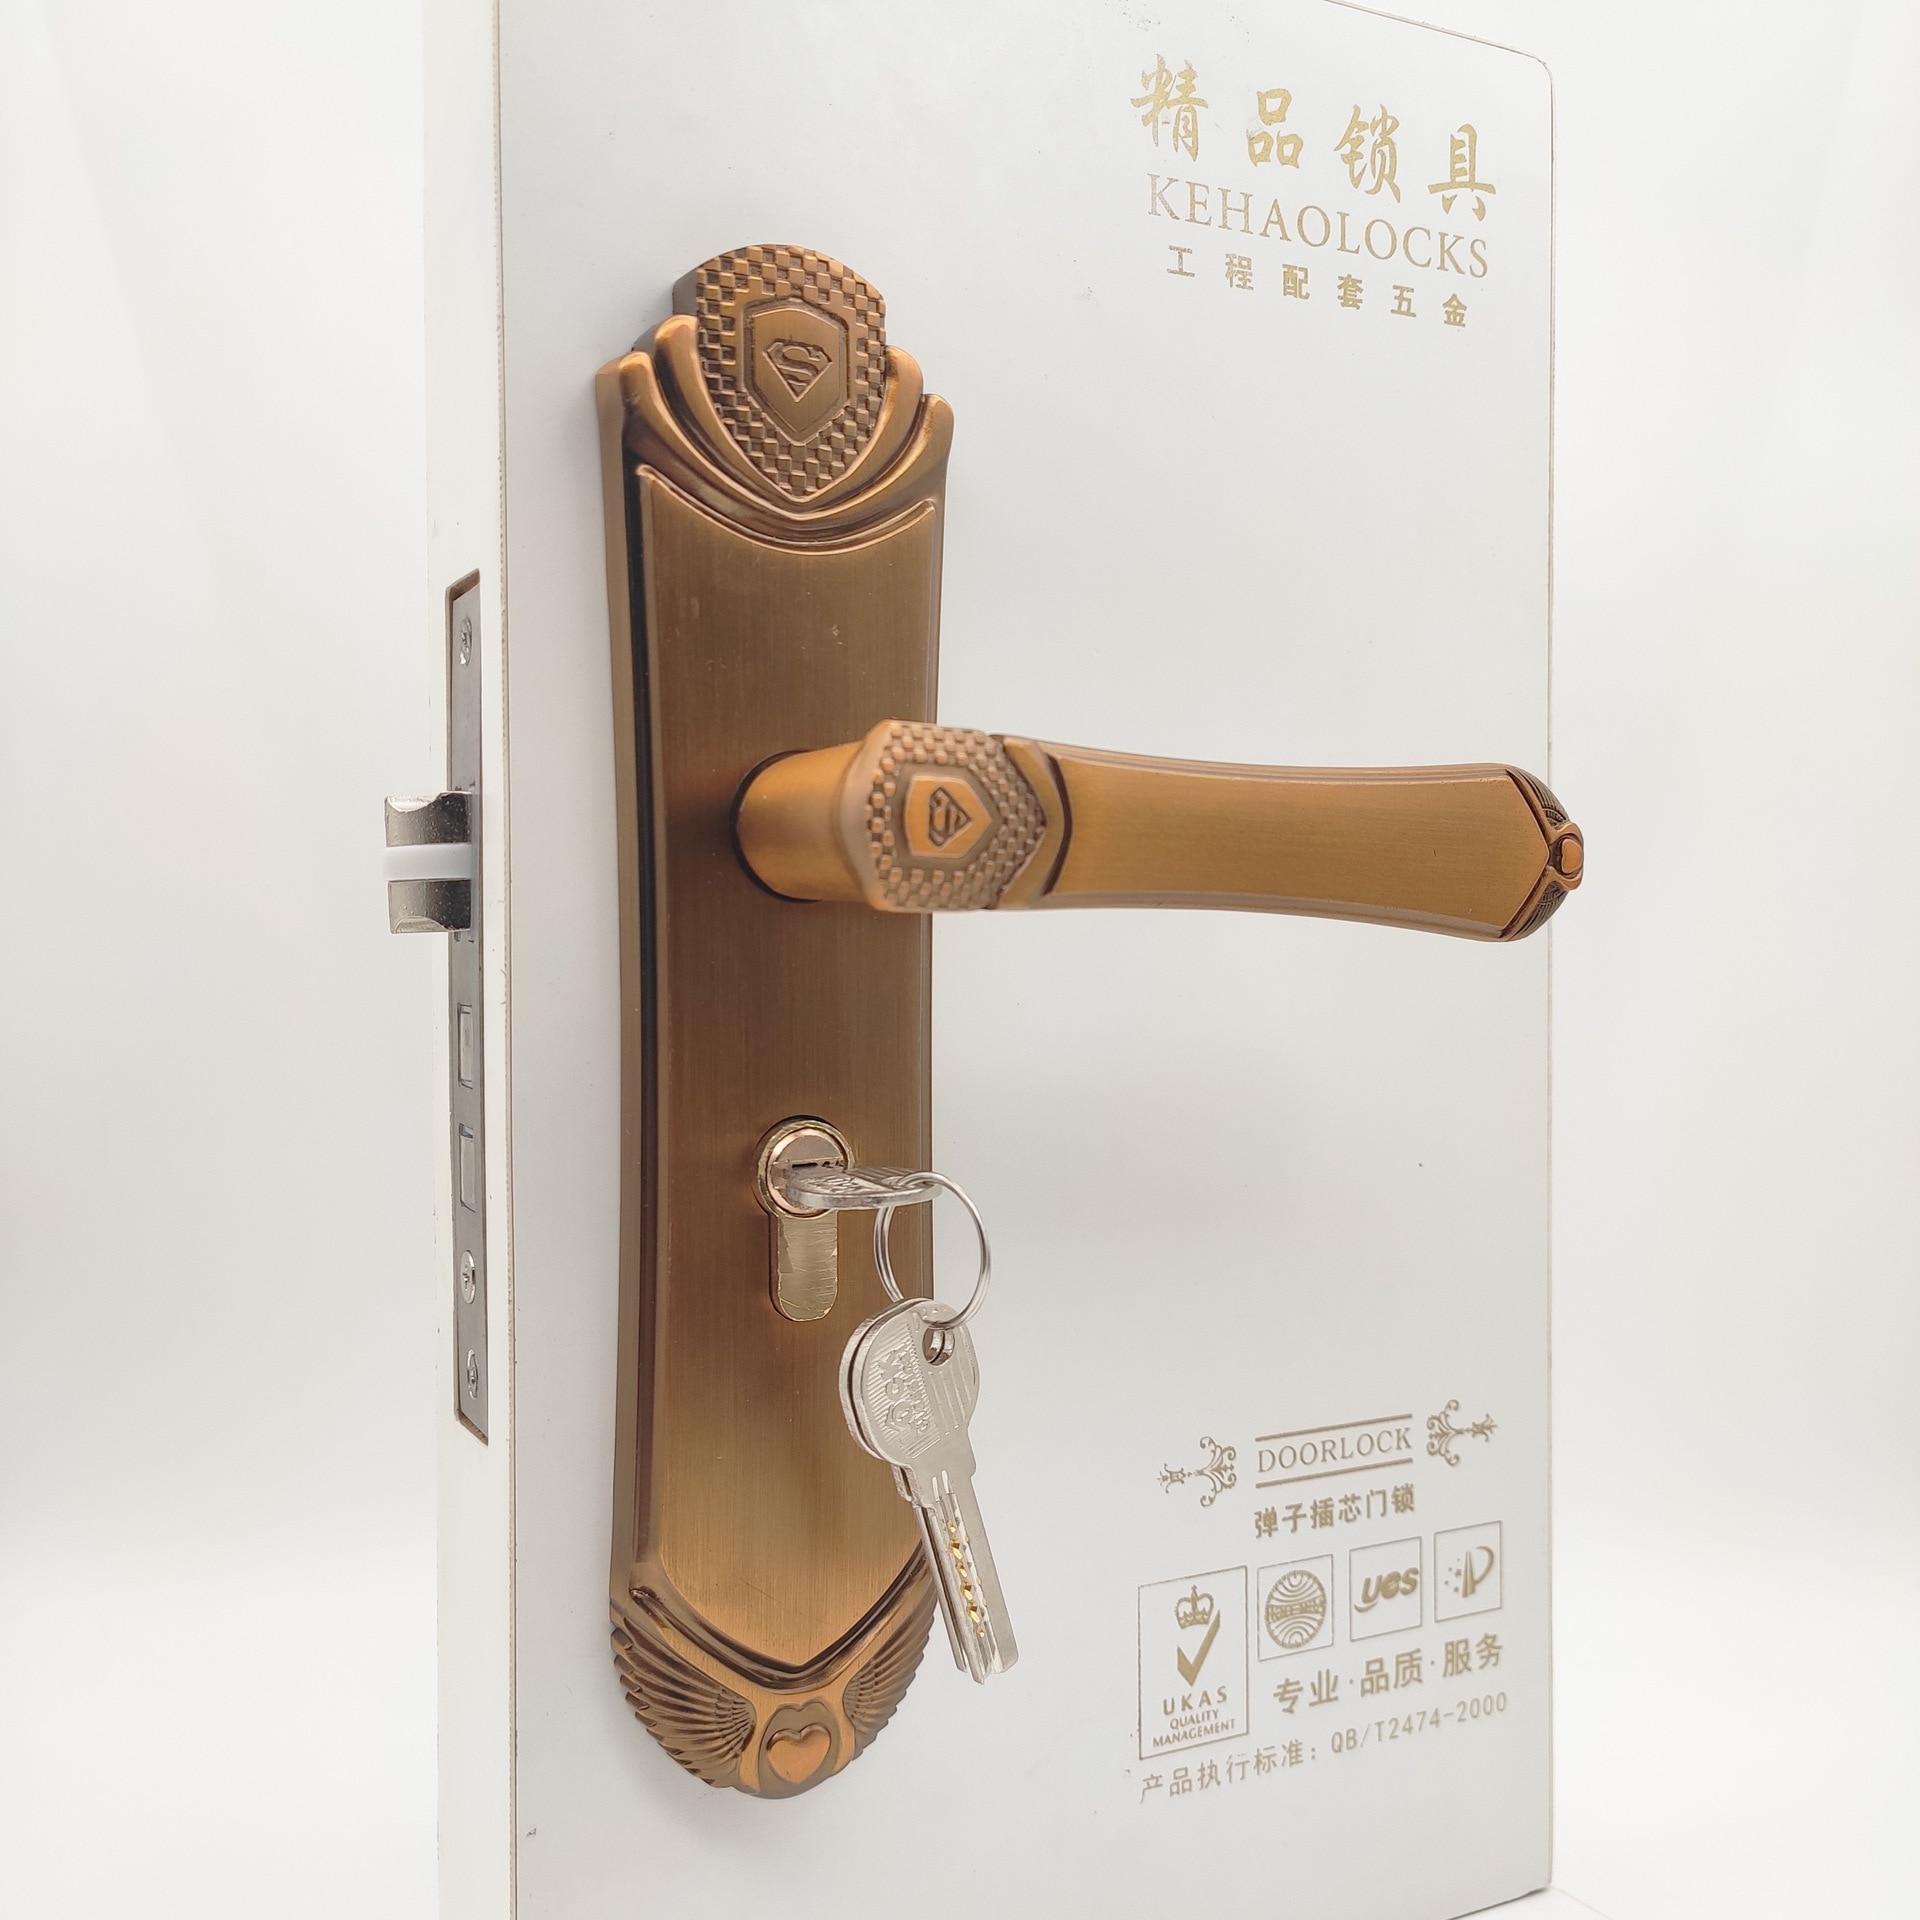 غرفة نوم أوروبية قفل الباب داخلي باب من الخشب الصلب غرفة مقبض أقفال المنزل مقبض الباب